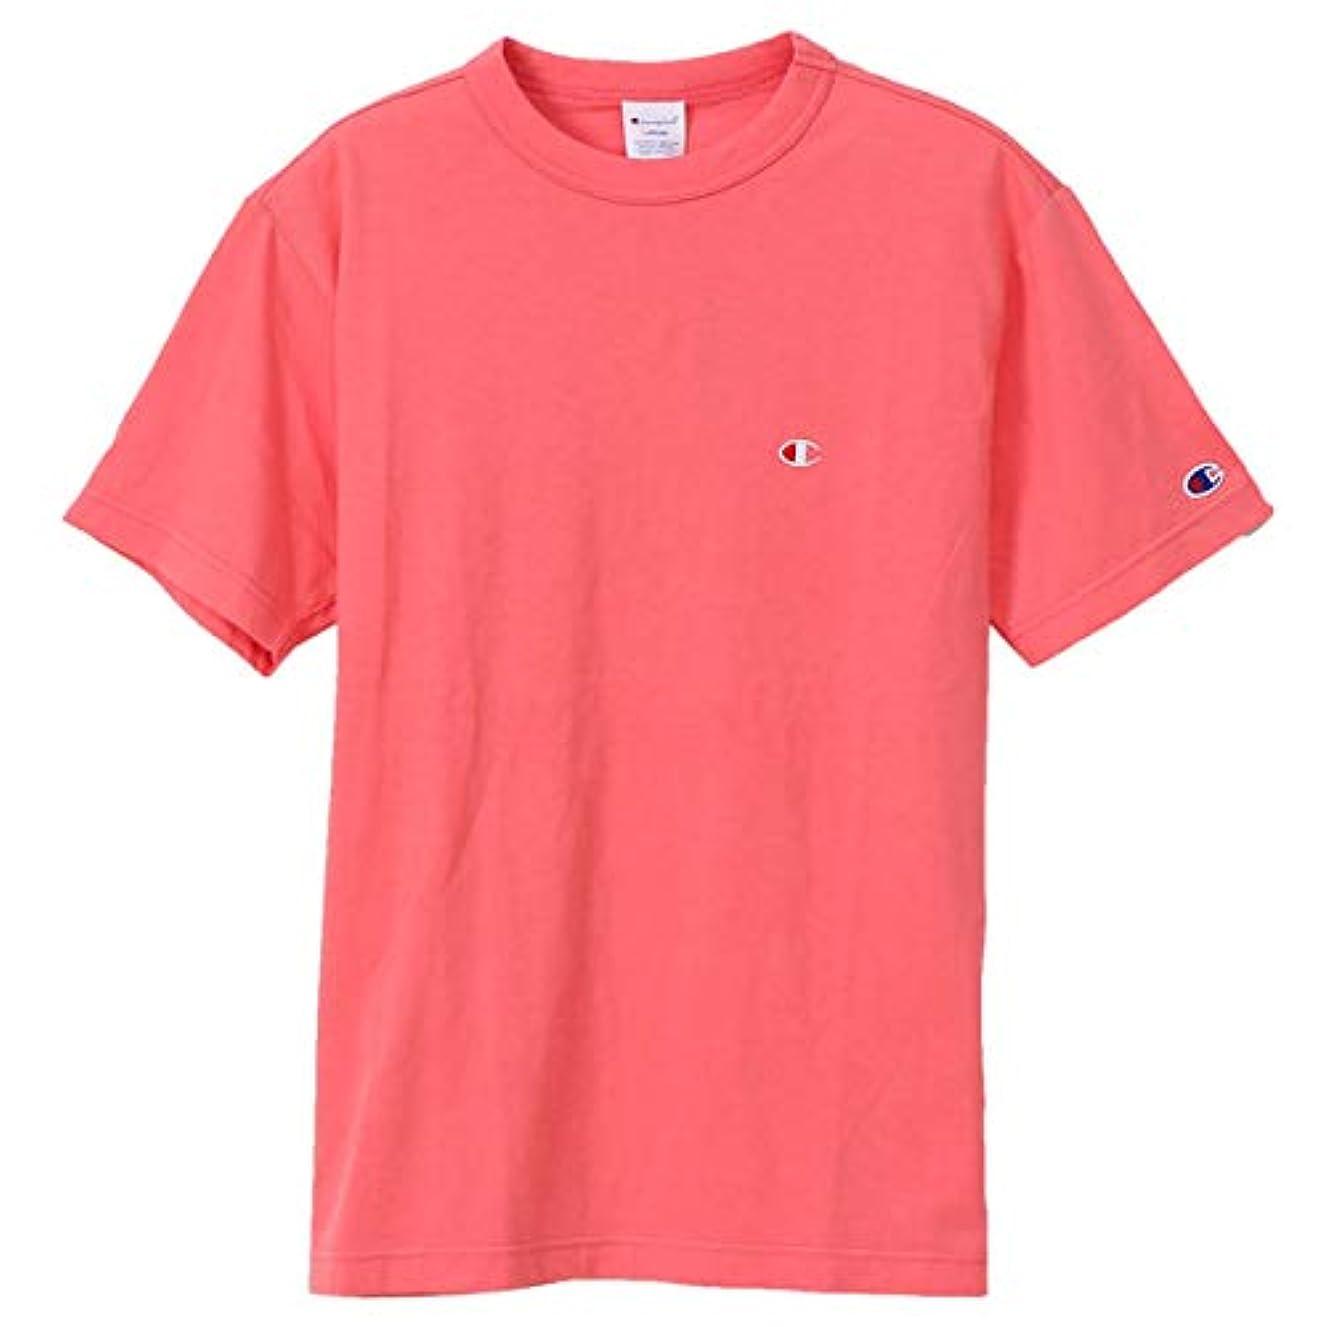 パシフィックケーキ失うチャンピオン Tシャツ メンズ CHAMPION ベーシック チャンピオン 19SS 胸Cロゴ ワンポイント ピンク